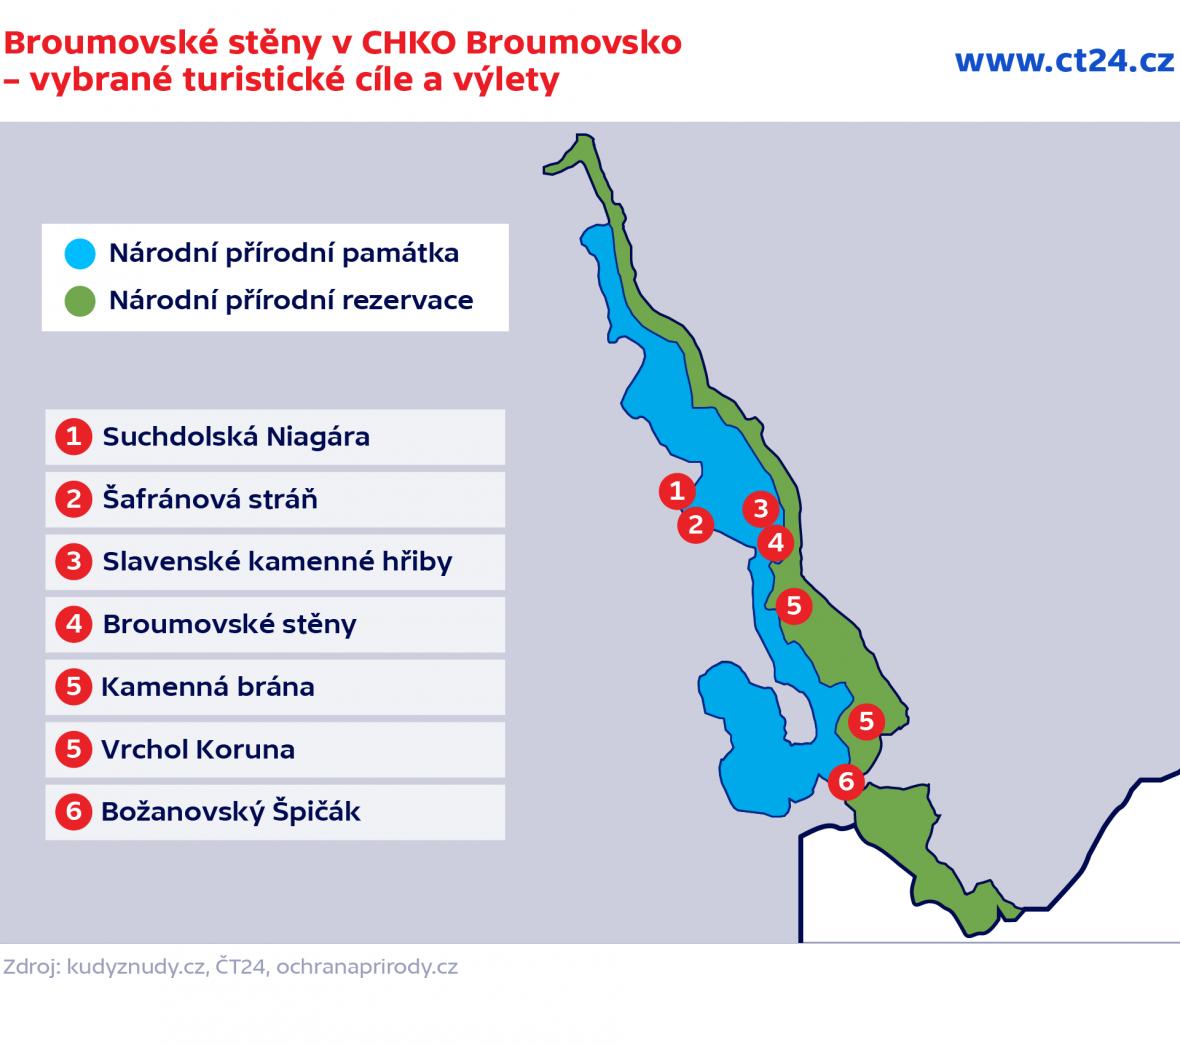 Broumovské stěny v CHKO Broumovsko – vybrané turistické cíle a výlety